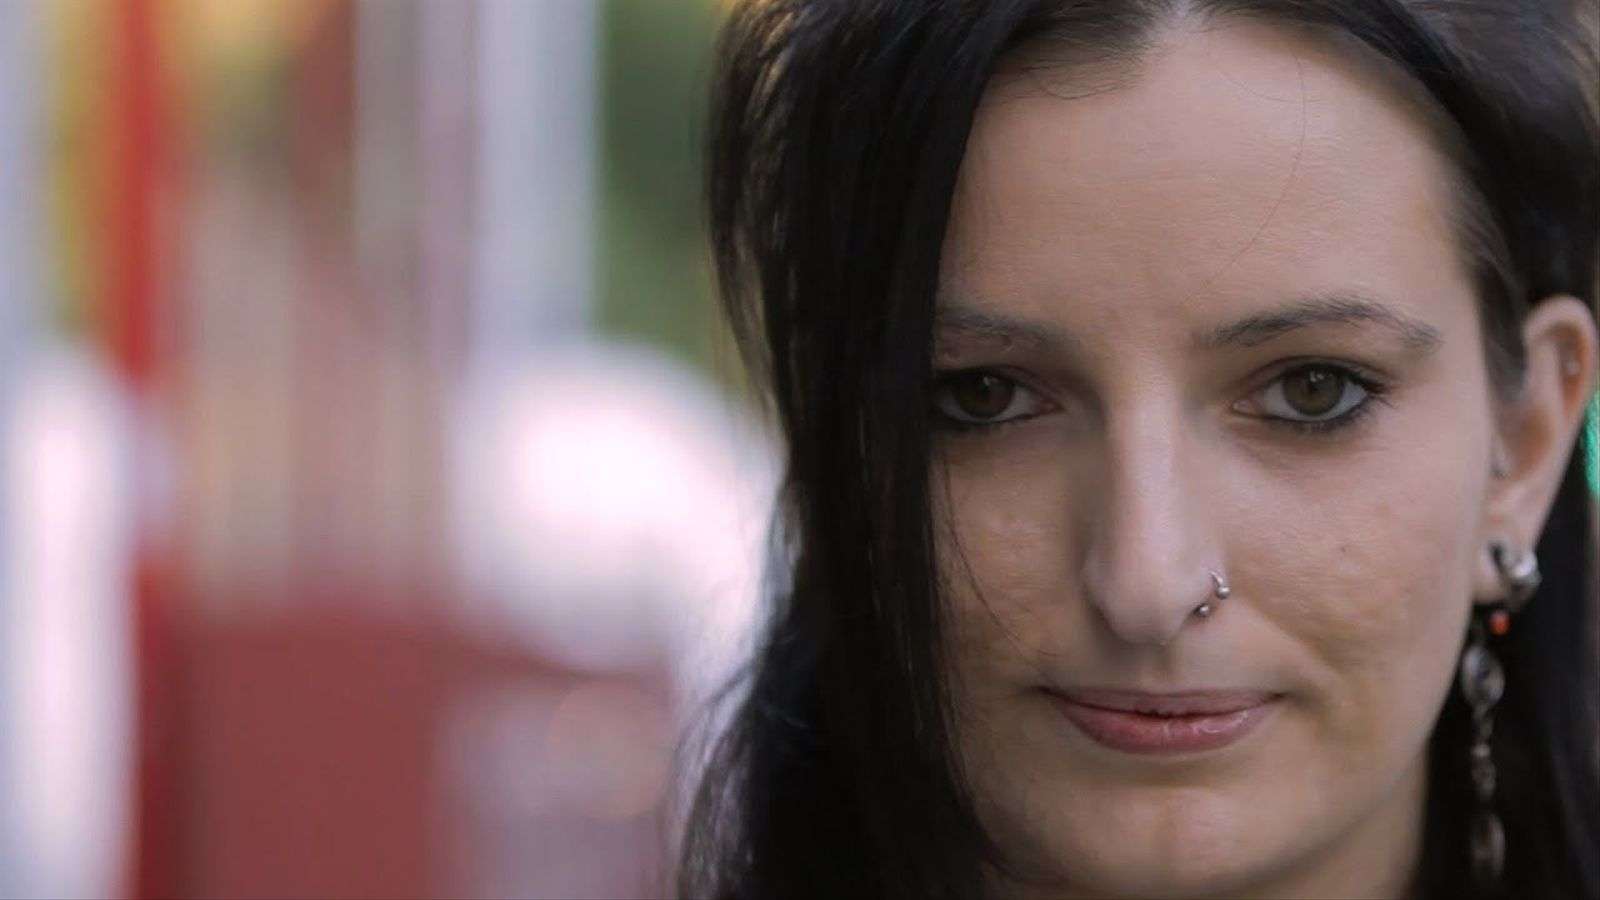 'Això va de construir una nova societat per a tots', Anna Coll